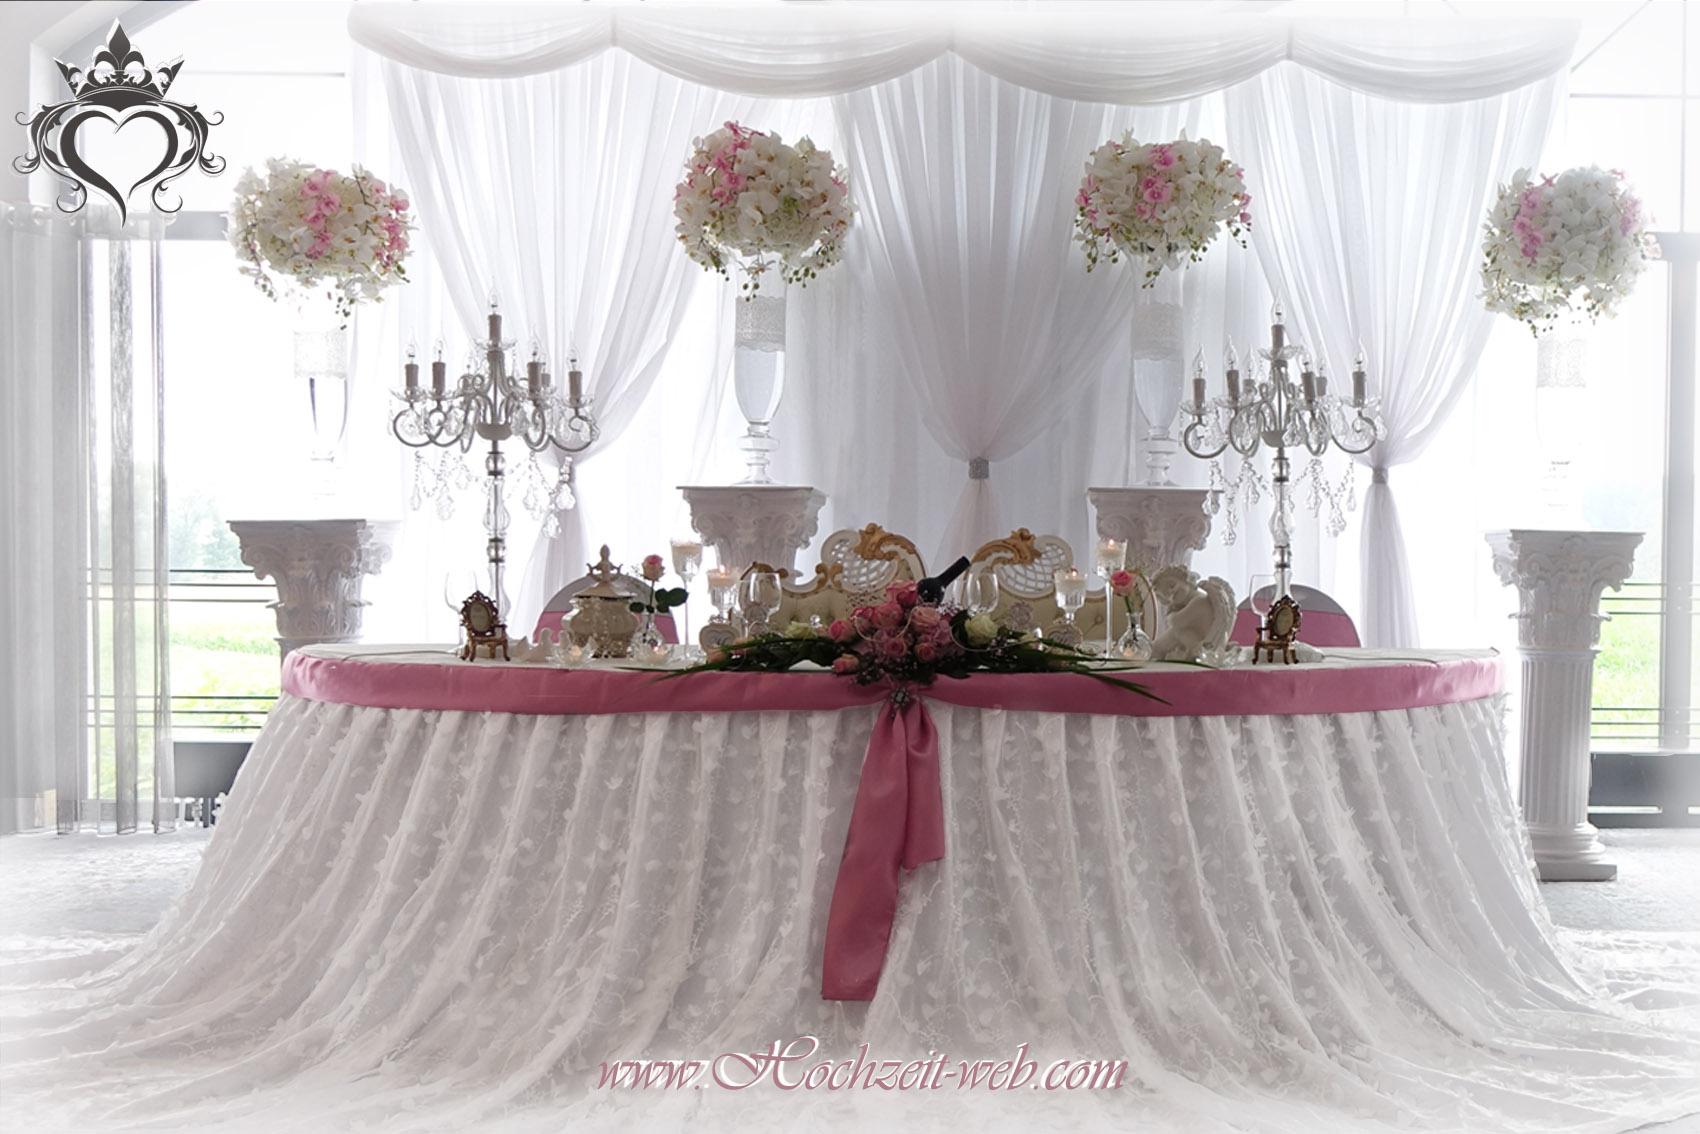 Brauttisch deko gold rosa alle guten ideen ber die ehe for Brauttisch deko